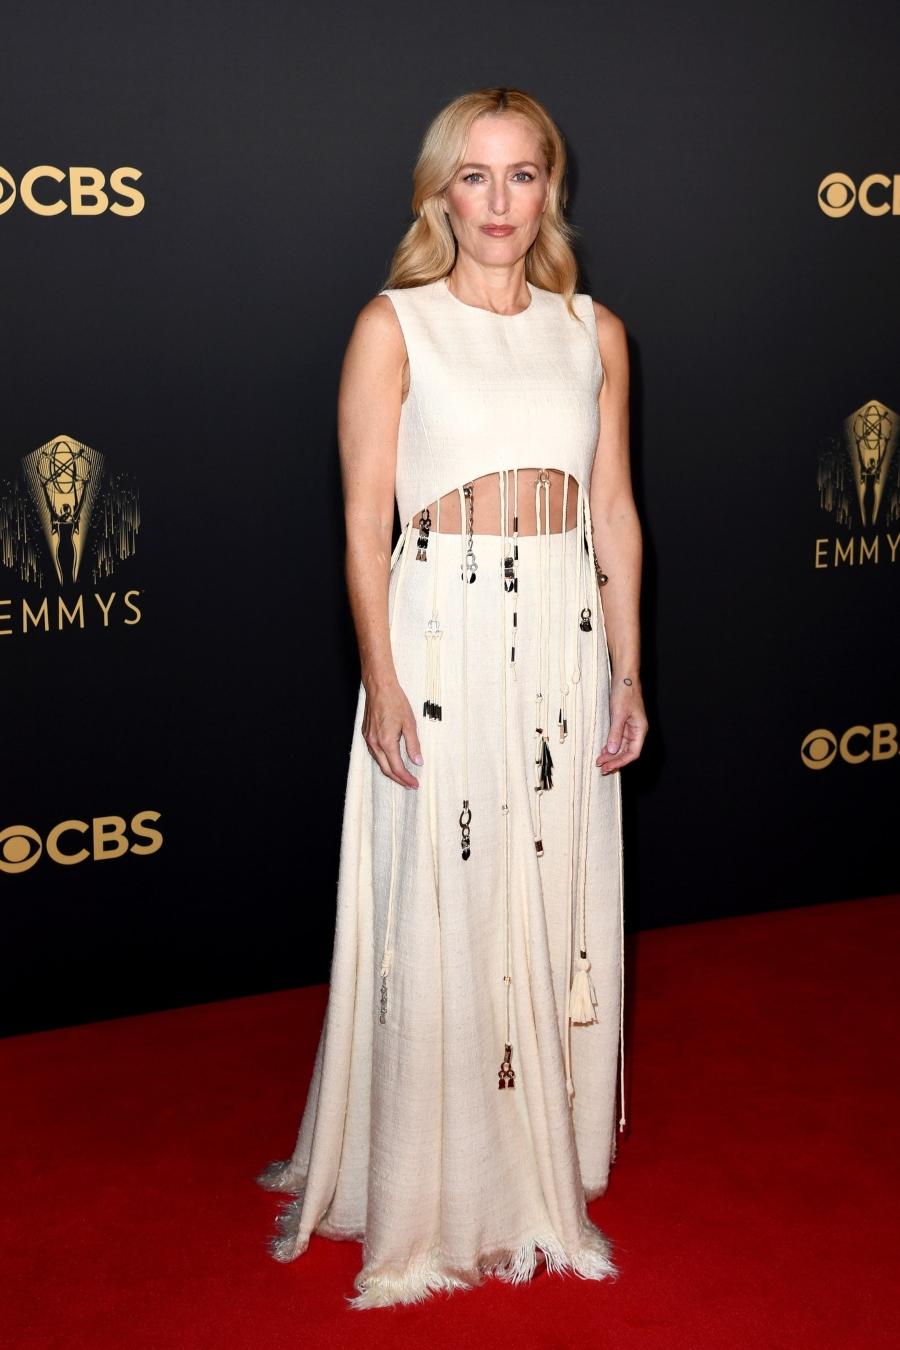 Nữ diễn viên 53 tuổi Gillian Anderson trẻ trung đáng kinh ngạc trong bộ váy của Chloe.